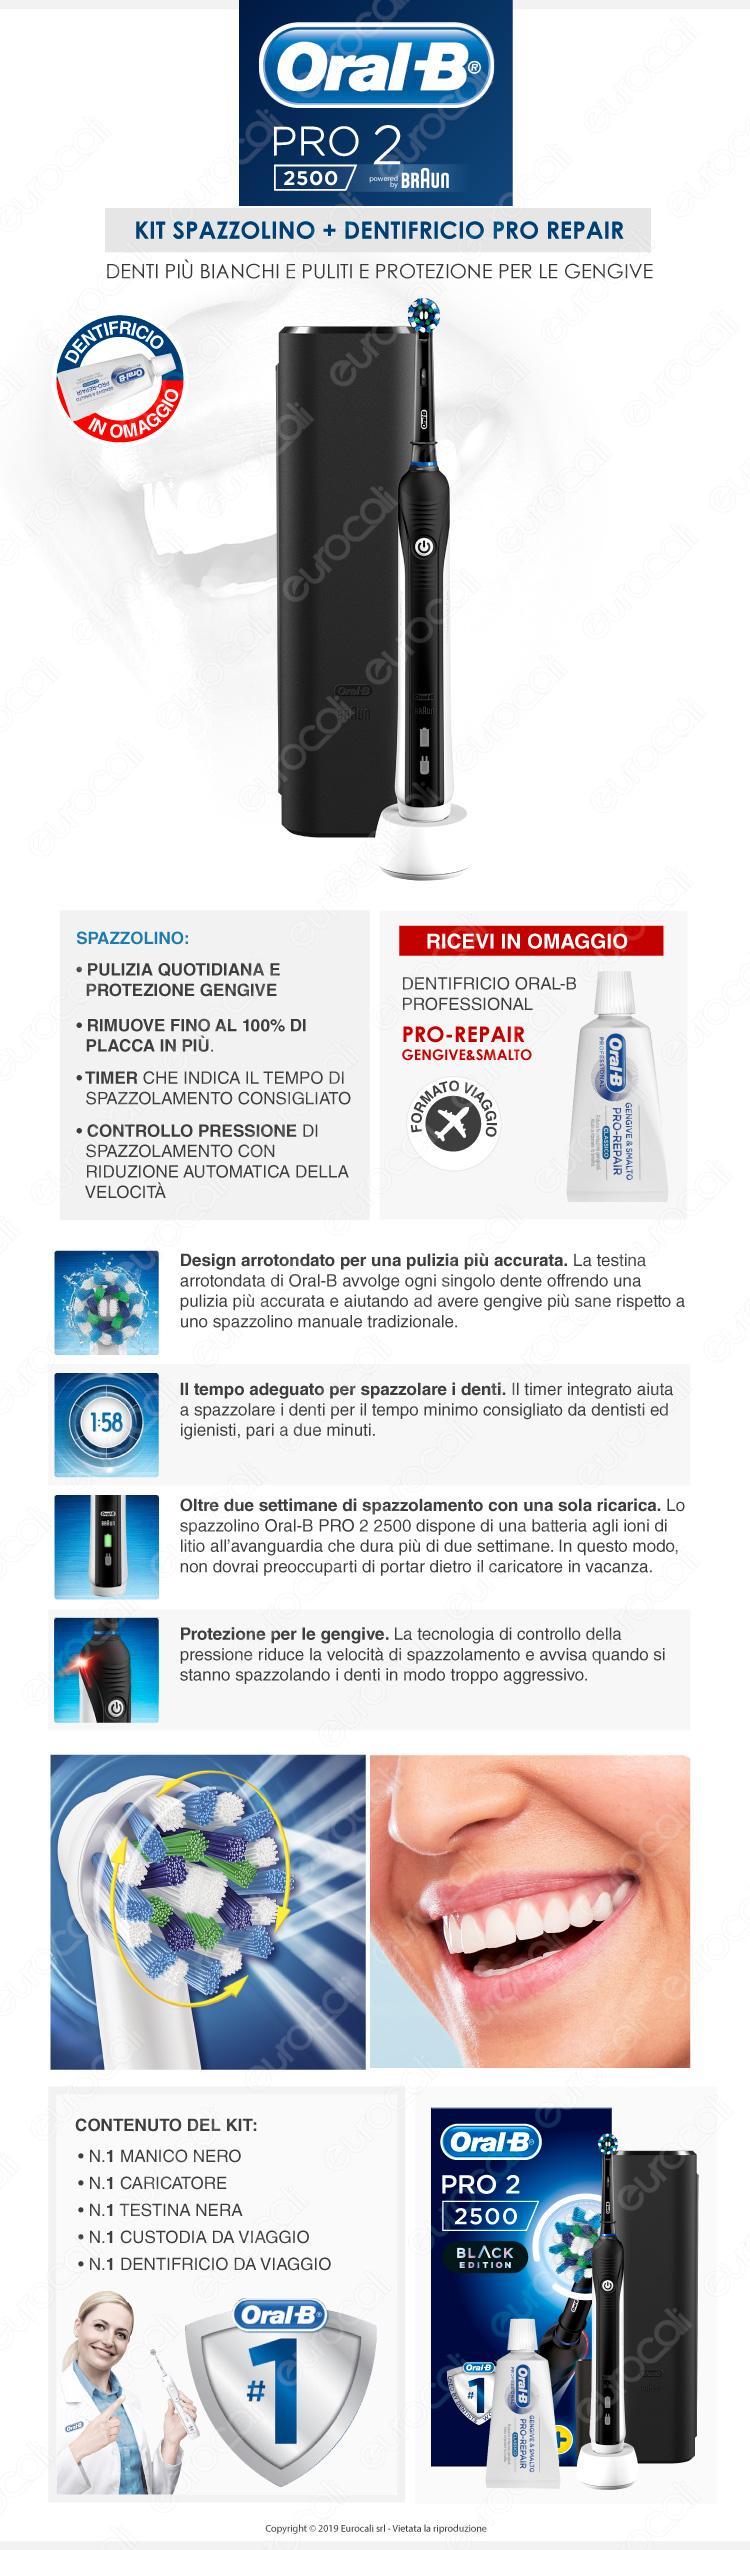 Oral-B kit igiene Spazzolino Elettrico pro 3000 idropulsore oxyjet + dentifricio oral b